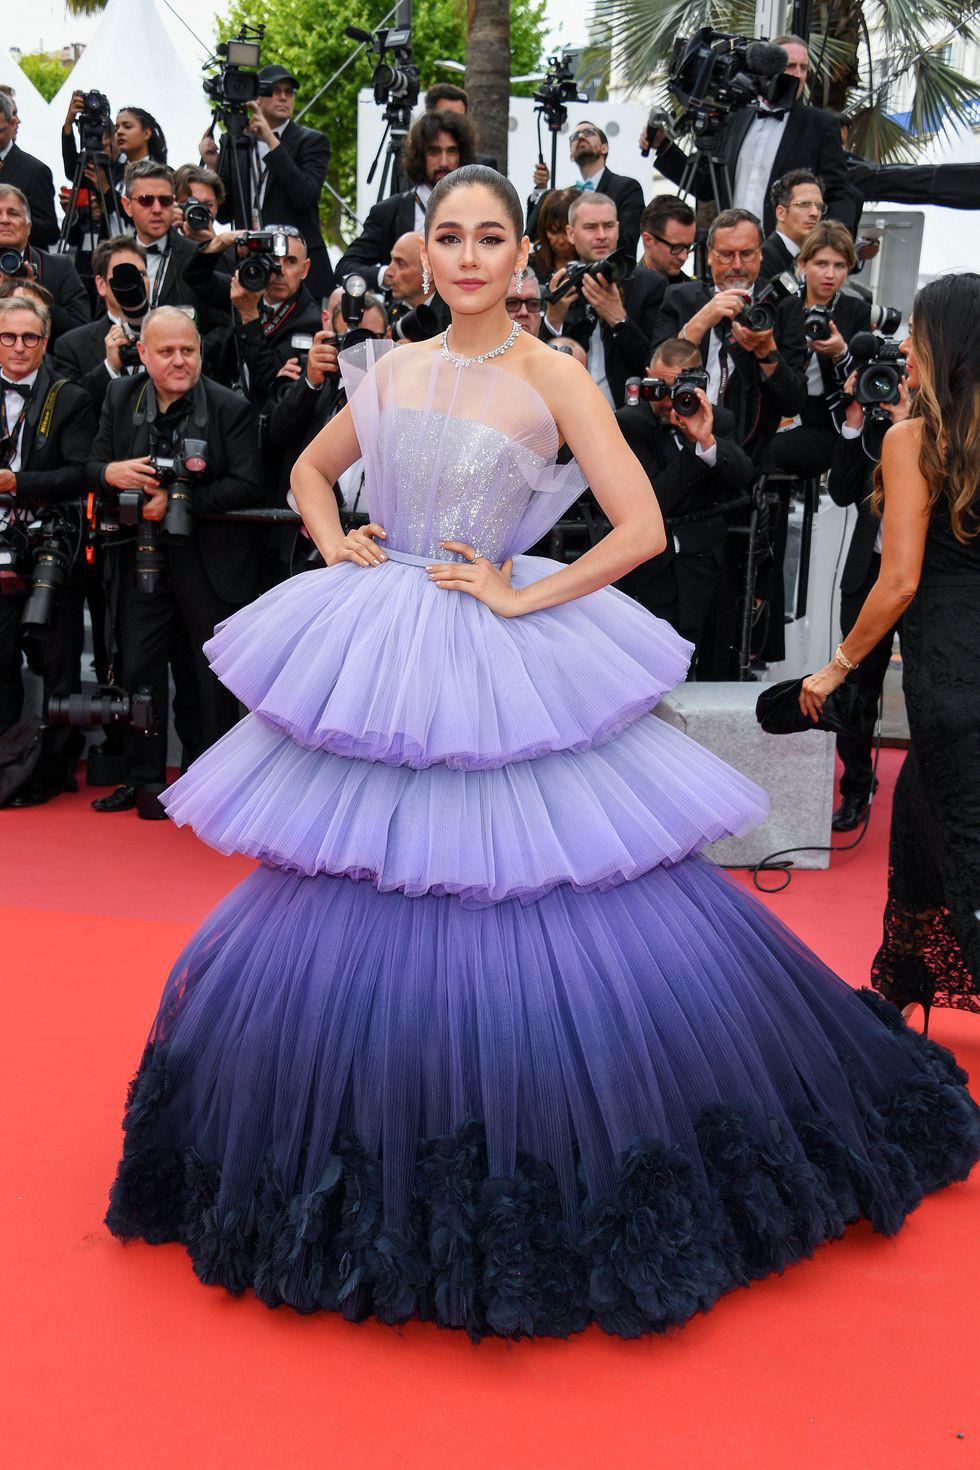 Cannes khai mạc với zombie, chính trị và bình đẳng giới - Ảnh 13.